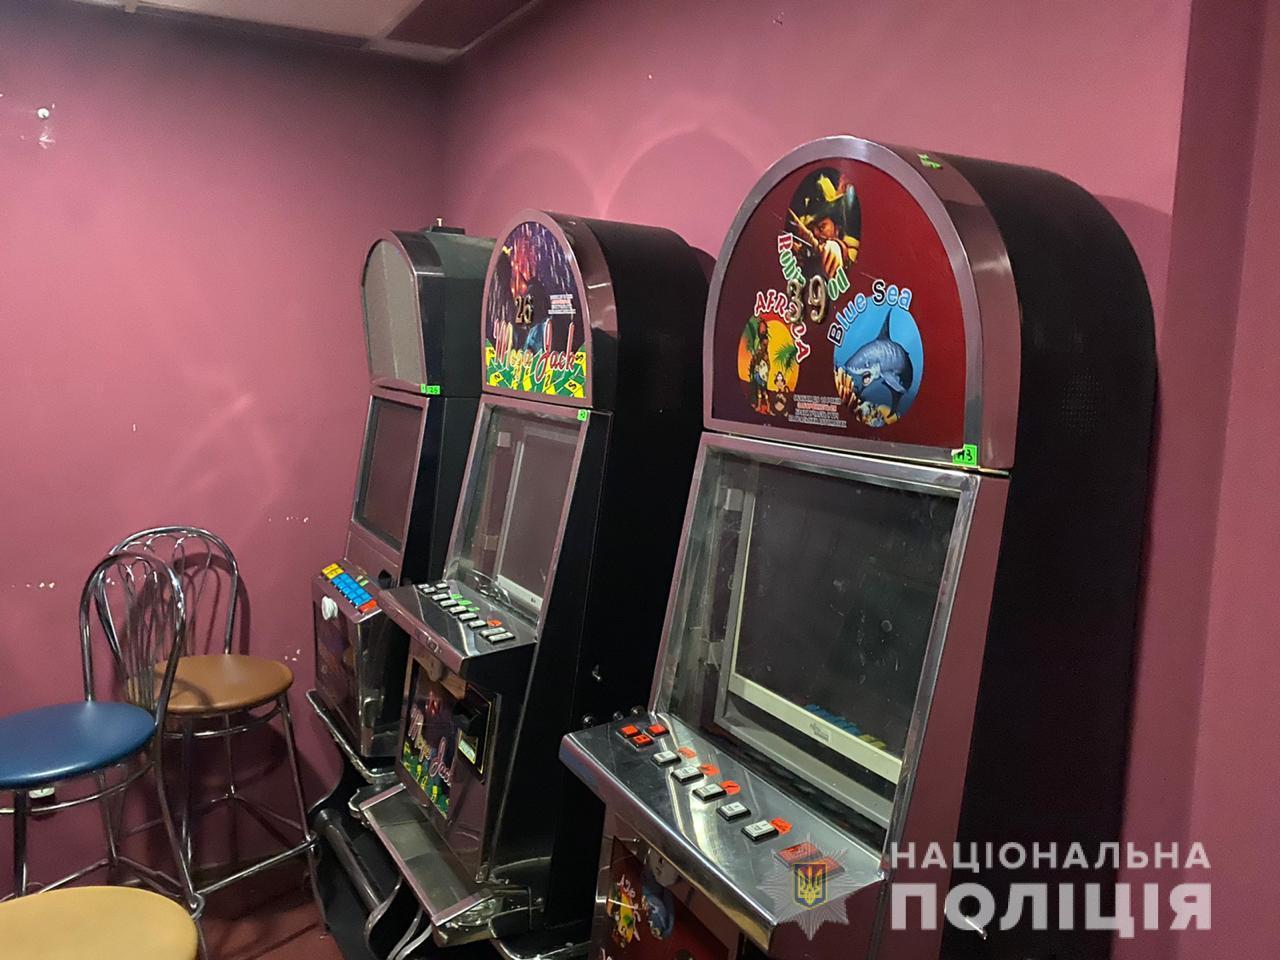 Награлись: у Василькові вкотре зачинили нелегальний заклад -  - 109817088 3134999936555157 8451496736867395929 o